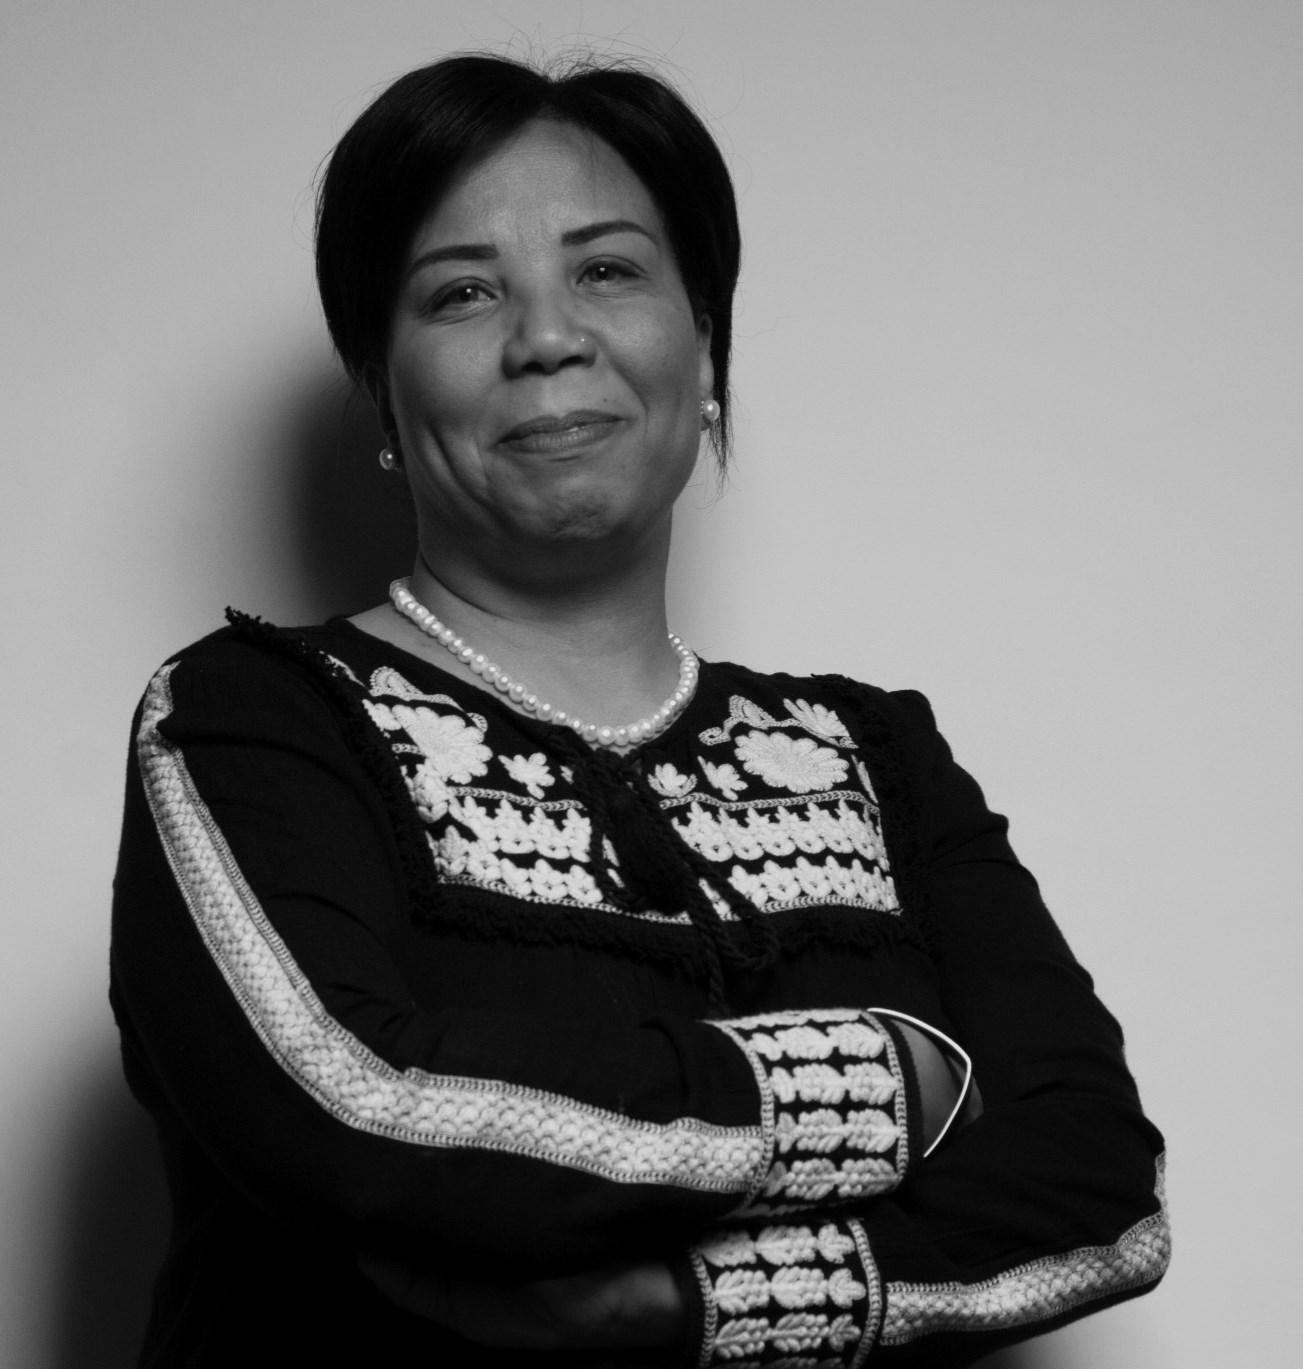 Azza Soliman